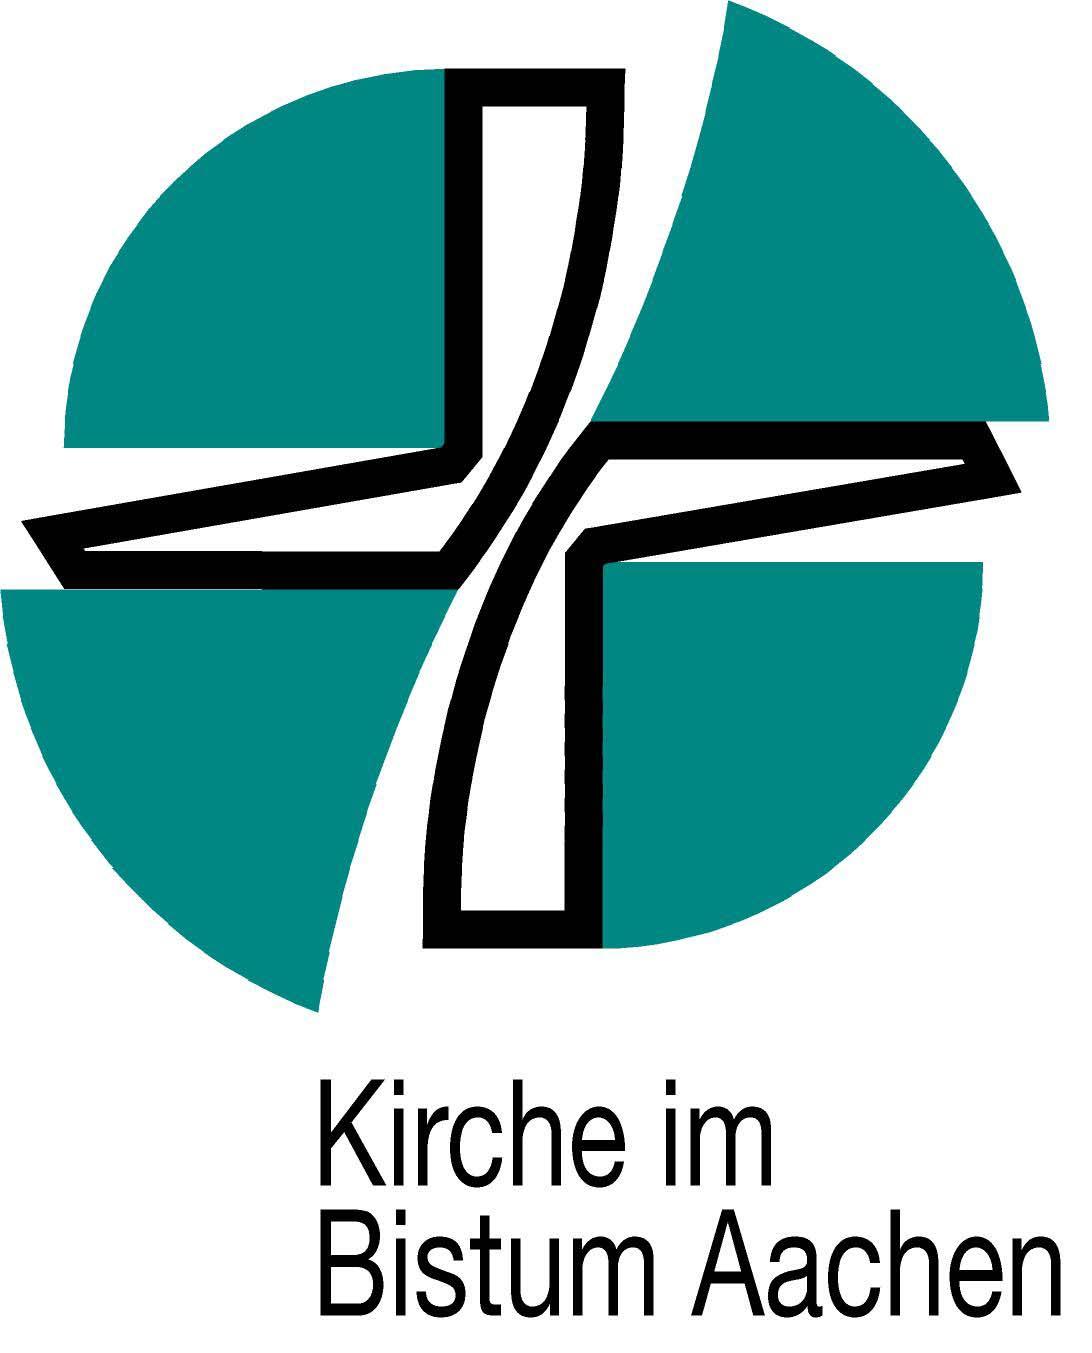 Bistum Aachen (c) Bistum Aachen